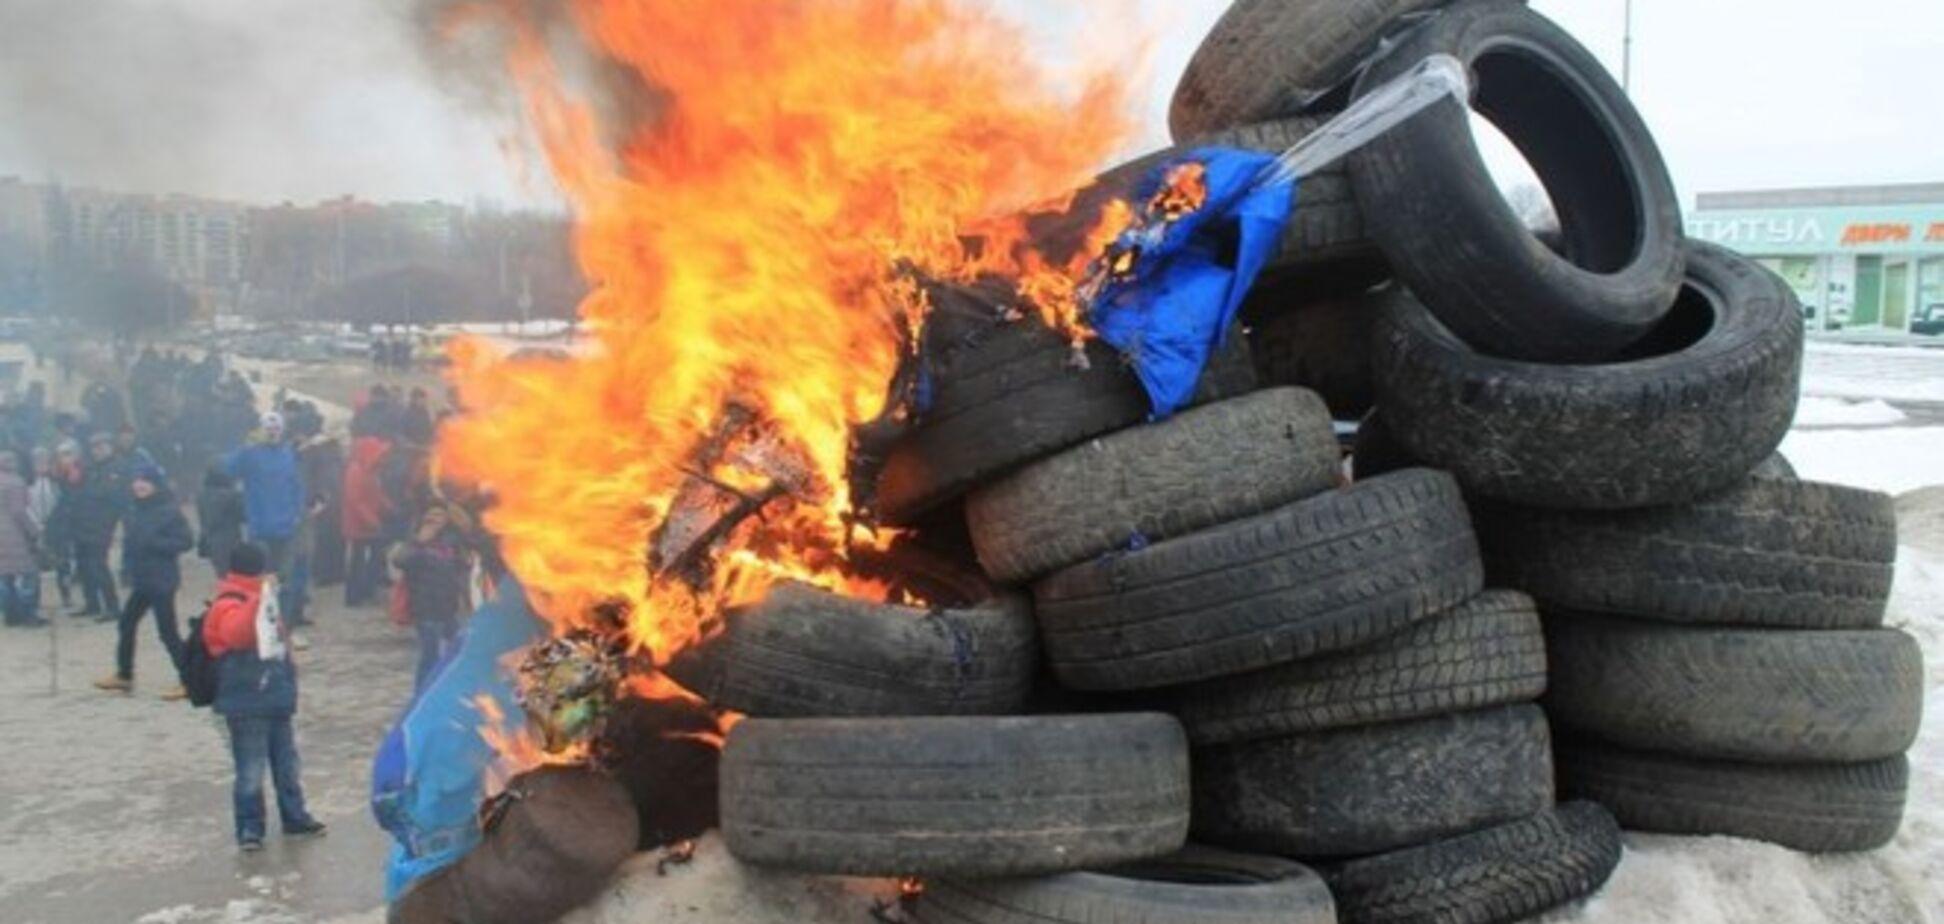 В Сумах на костре из покрышек сожгли 'Путина': опубликованы фото и видео